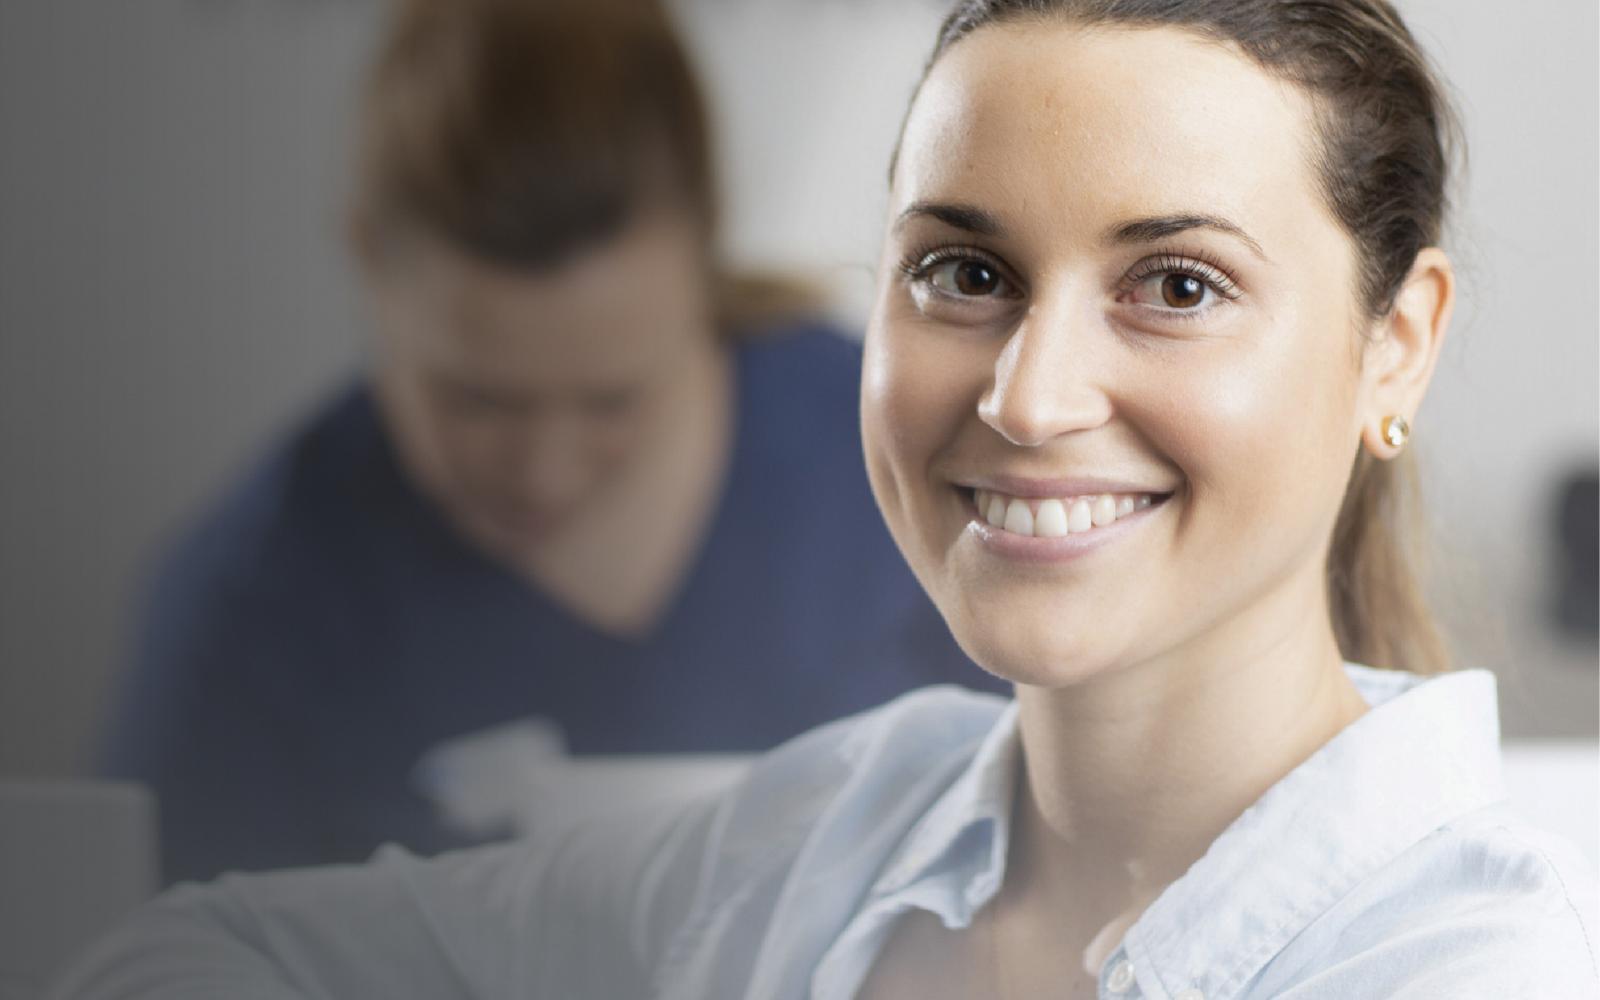 Euroopan johtavan hammashoidon toimijan brändikokemuksen digitalisointi